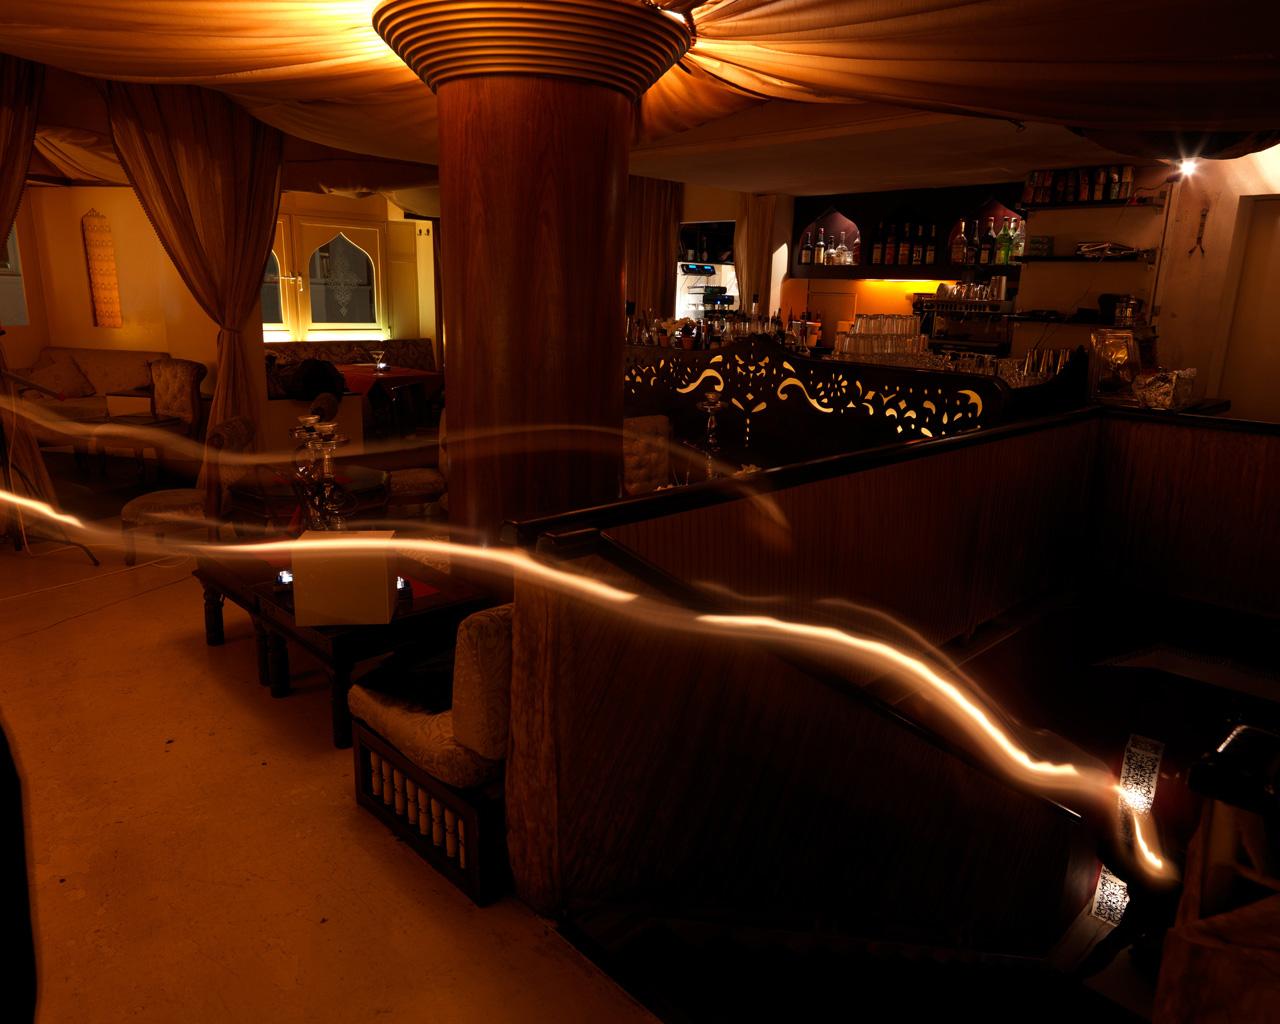 mocca bar restaurant cafe der arabische flair von m nchen. Black Bedroom Furniture Sets. Home Design Ideas